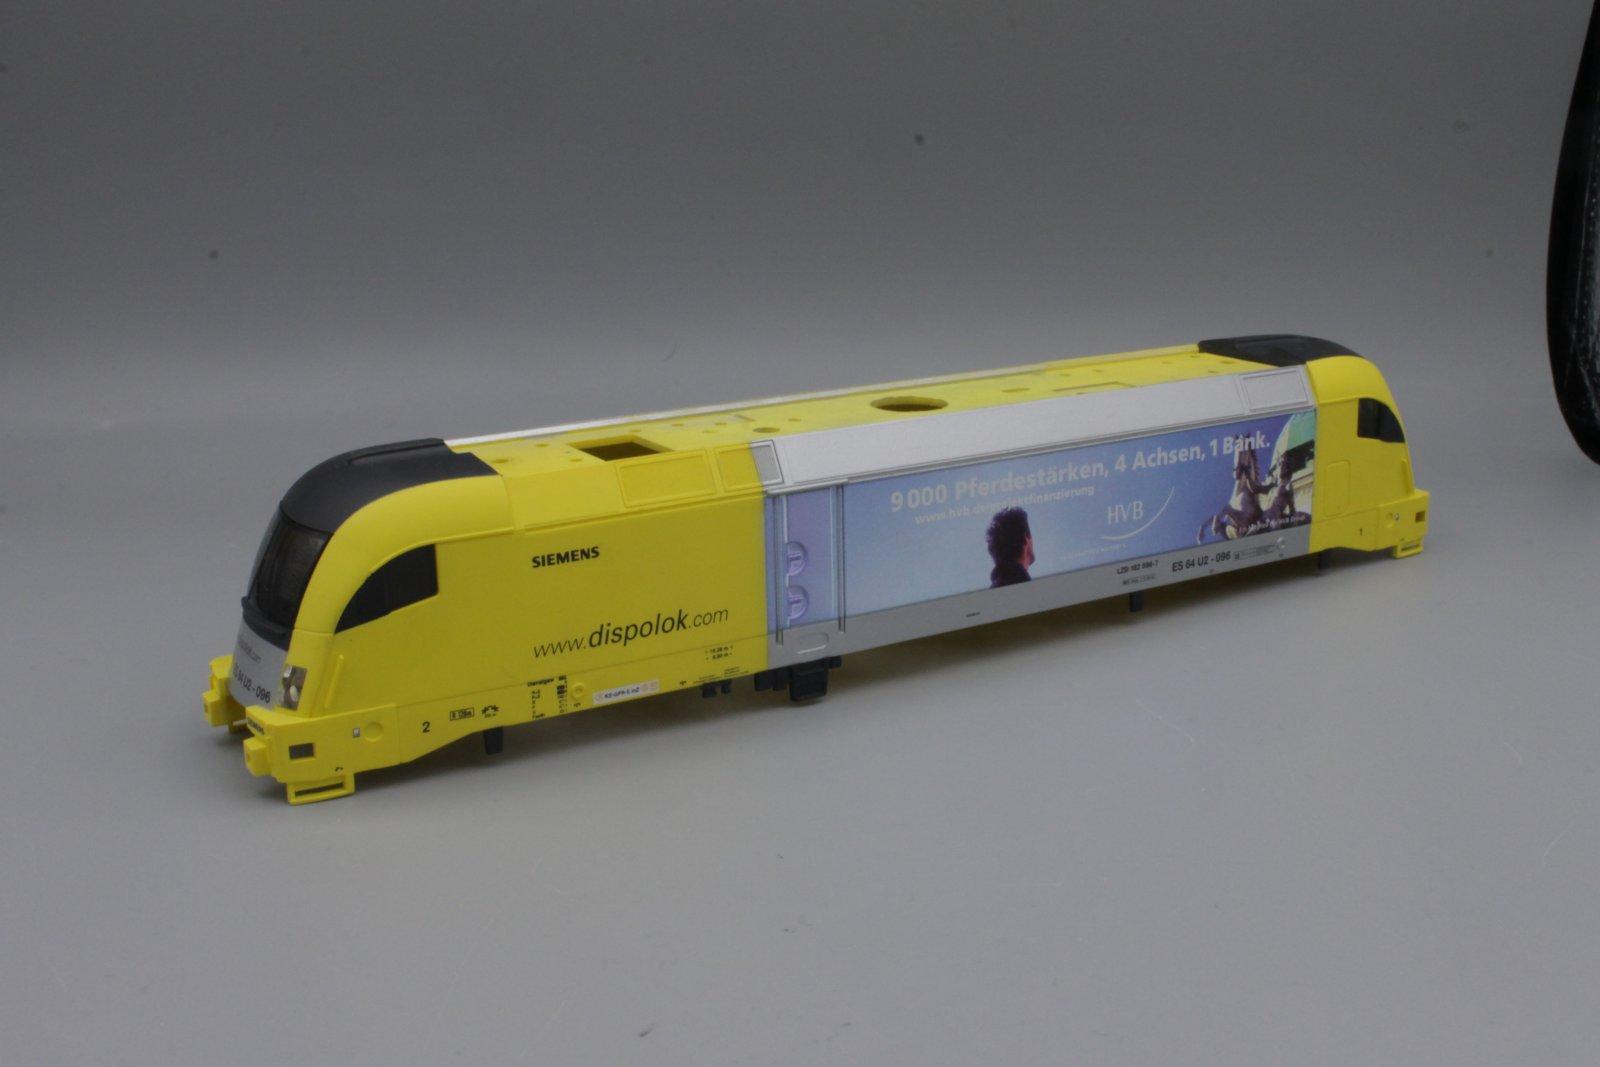 Ersatzteil Piko 182 Taurus Gehäuse Siemens Dispolok HVB Bank gelb/silber